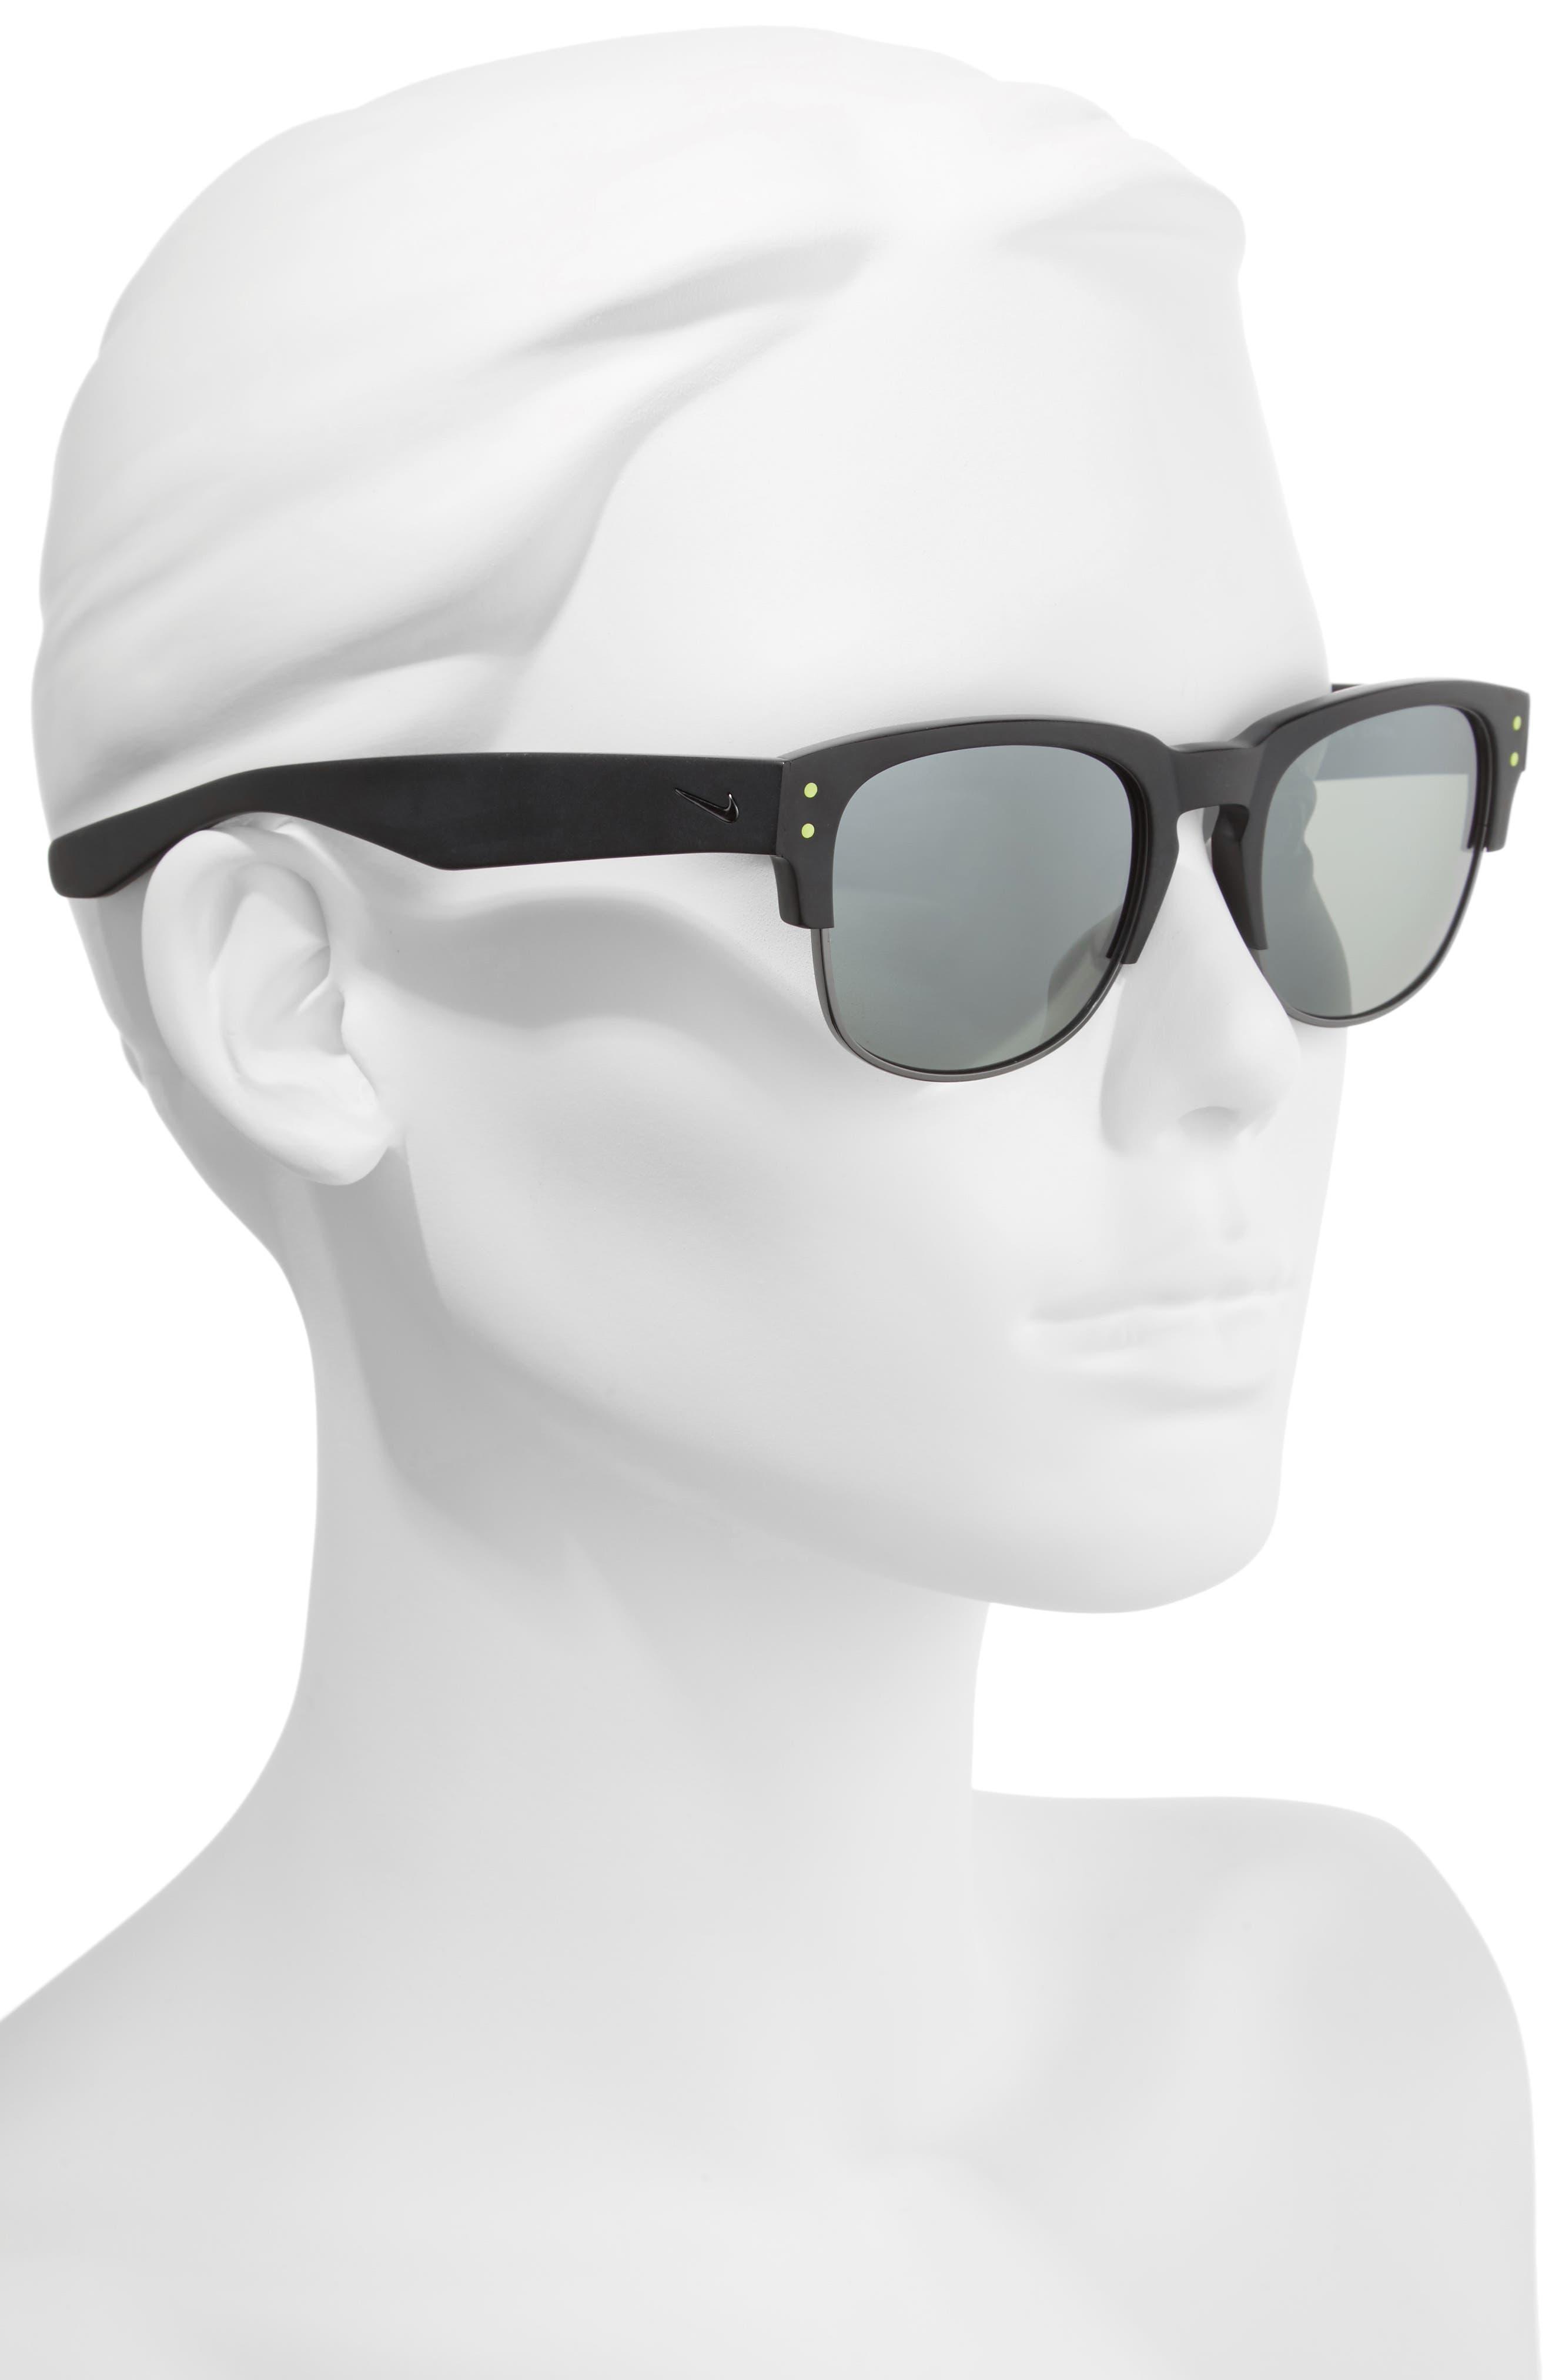 Volition 54mm Sunglasses,                             Alternate thumbnail 2, color,                             001